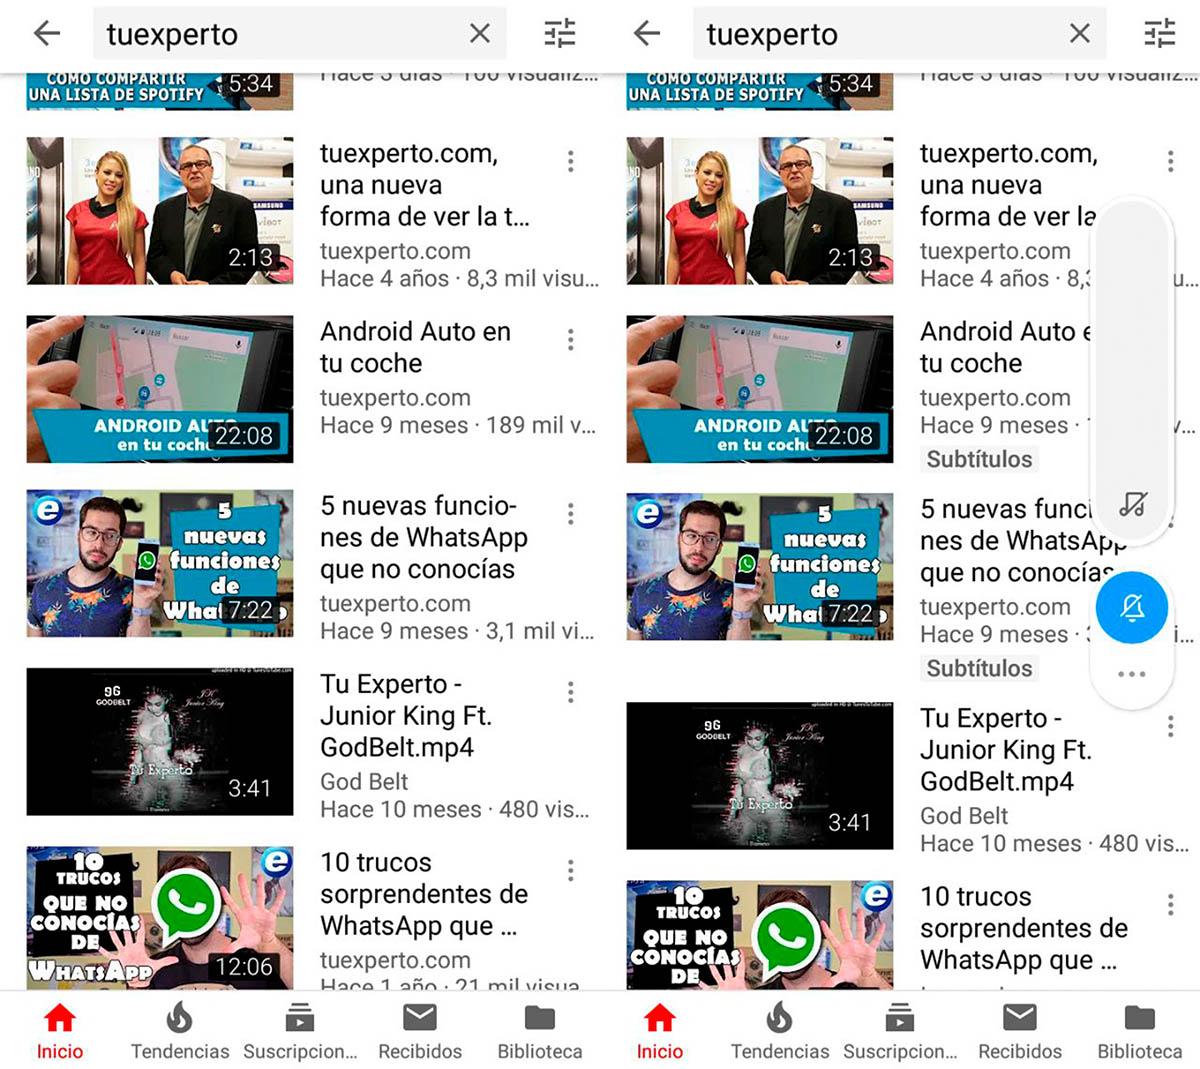 Qué vídeos tienen subtítulos en YouTube